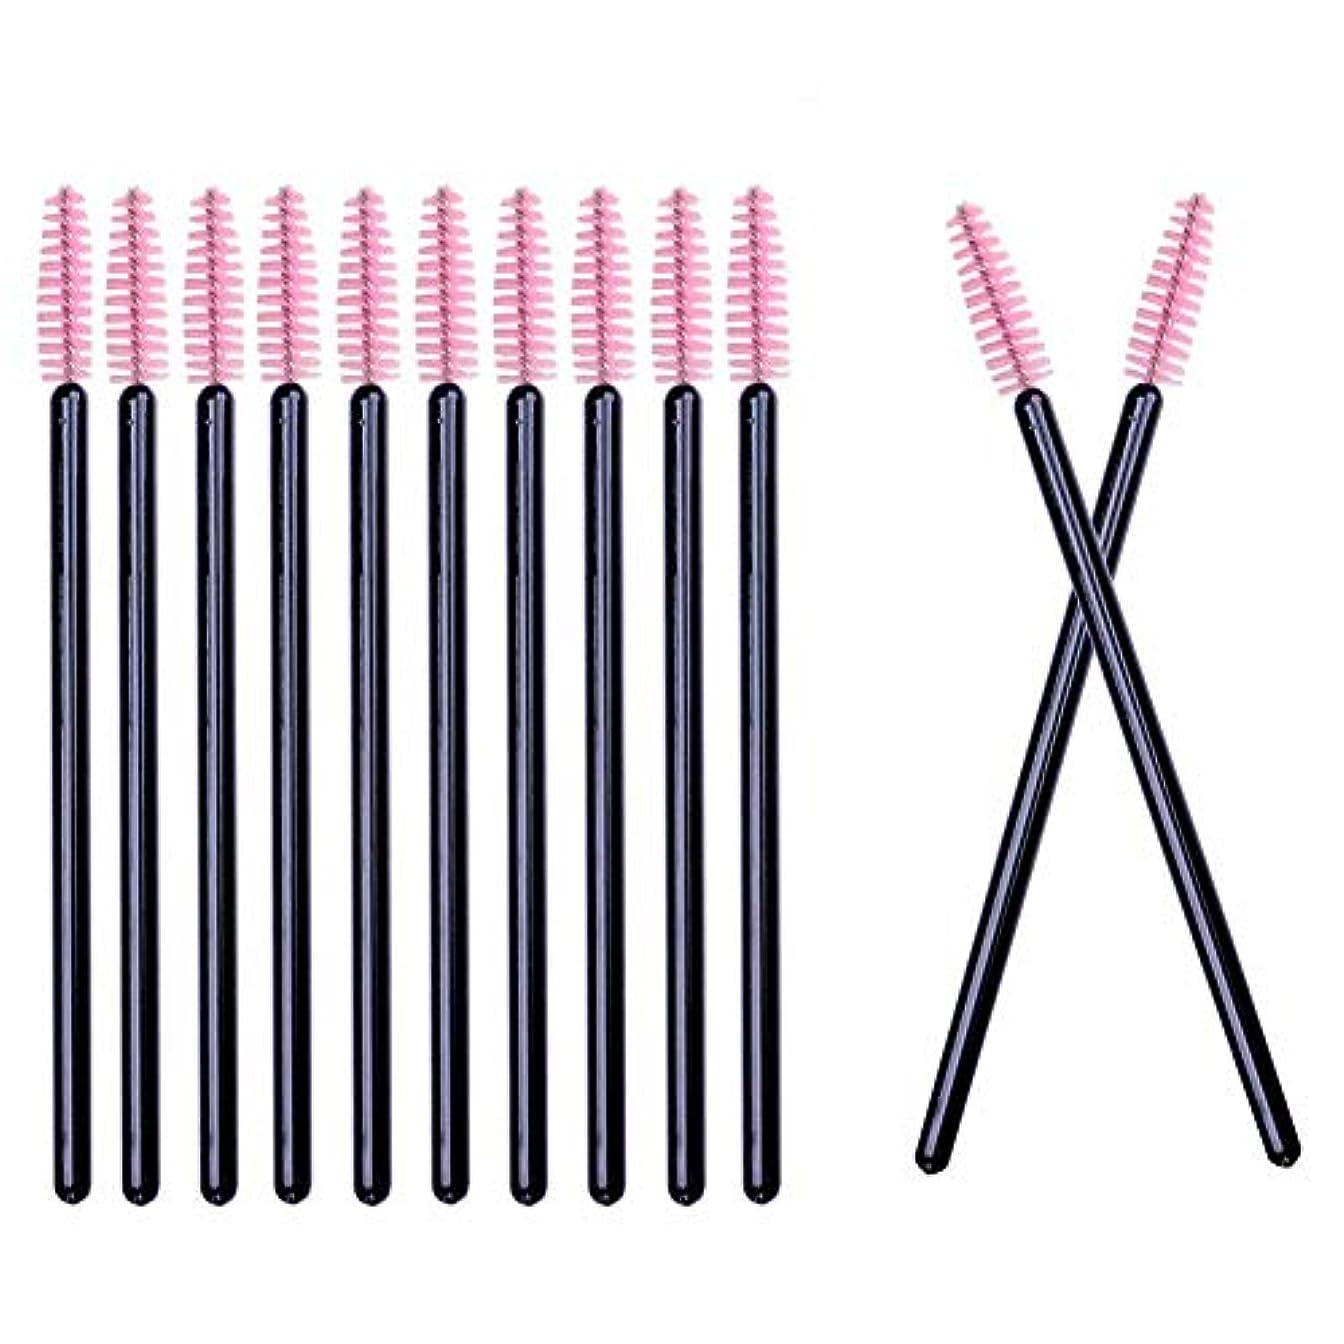 病気だと思う議題暖炉Deksias 100本黒色の竿まつげブラシ 使い捨て スクリューブラシ マスカラブラシ まつげコーム メイクブラシ アイメイク 化粧用品 … (ピンク)